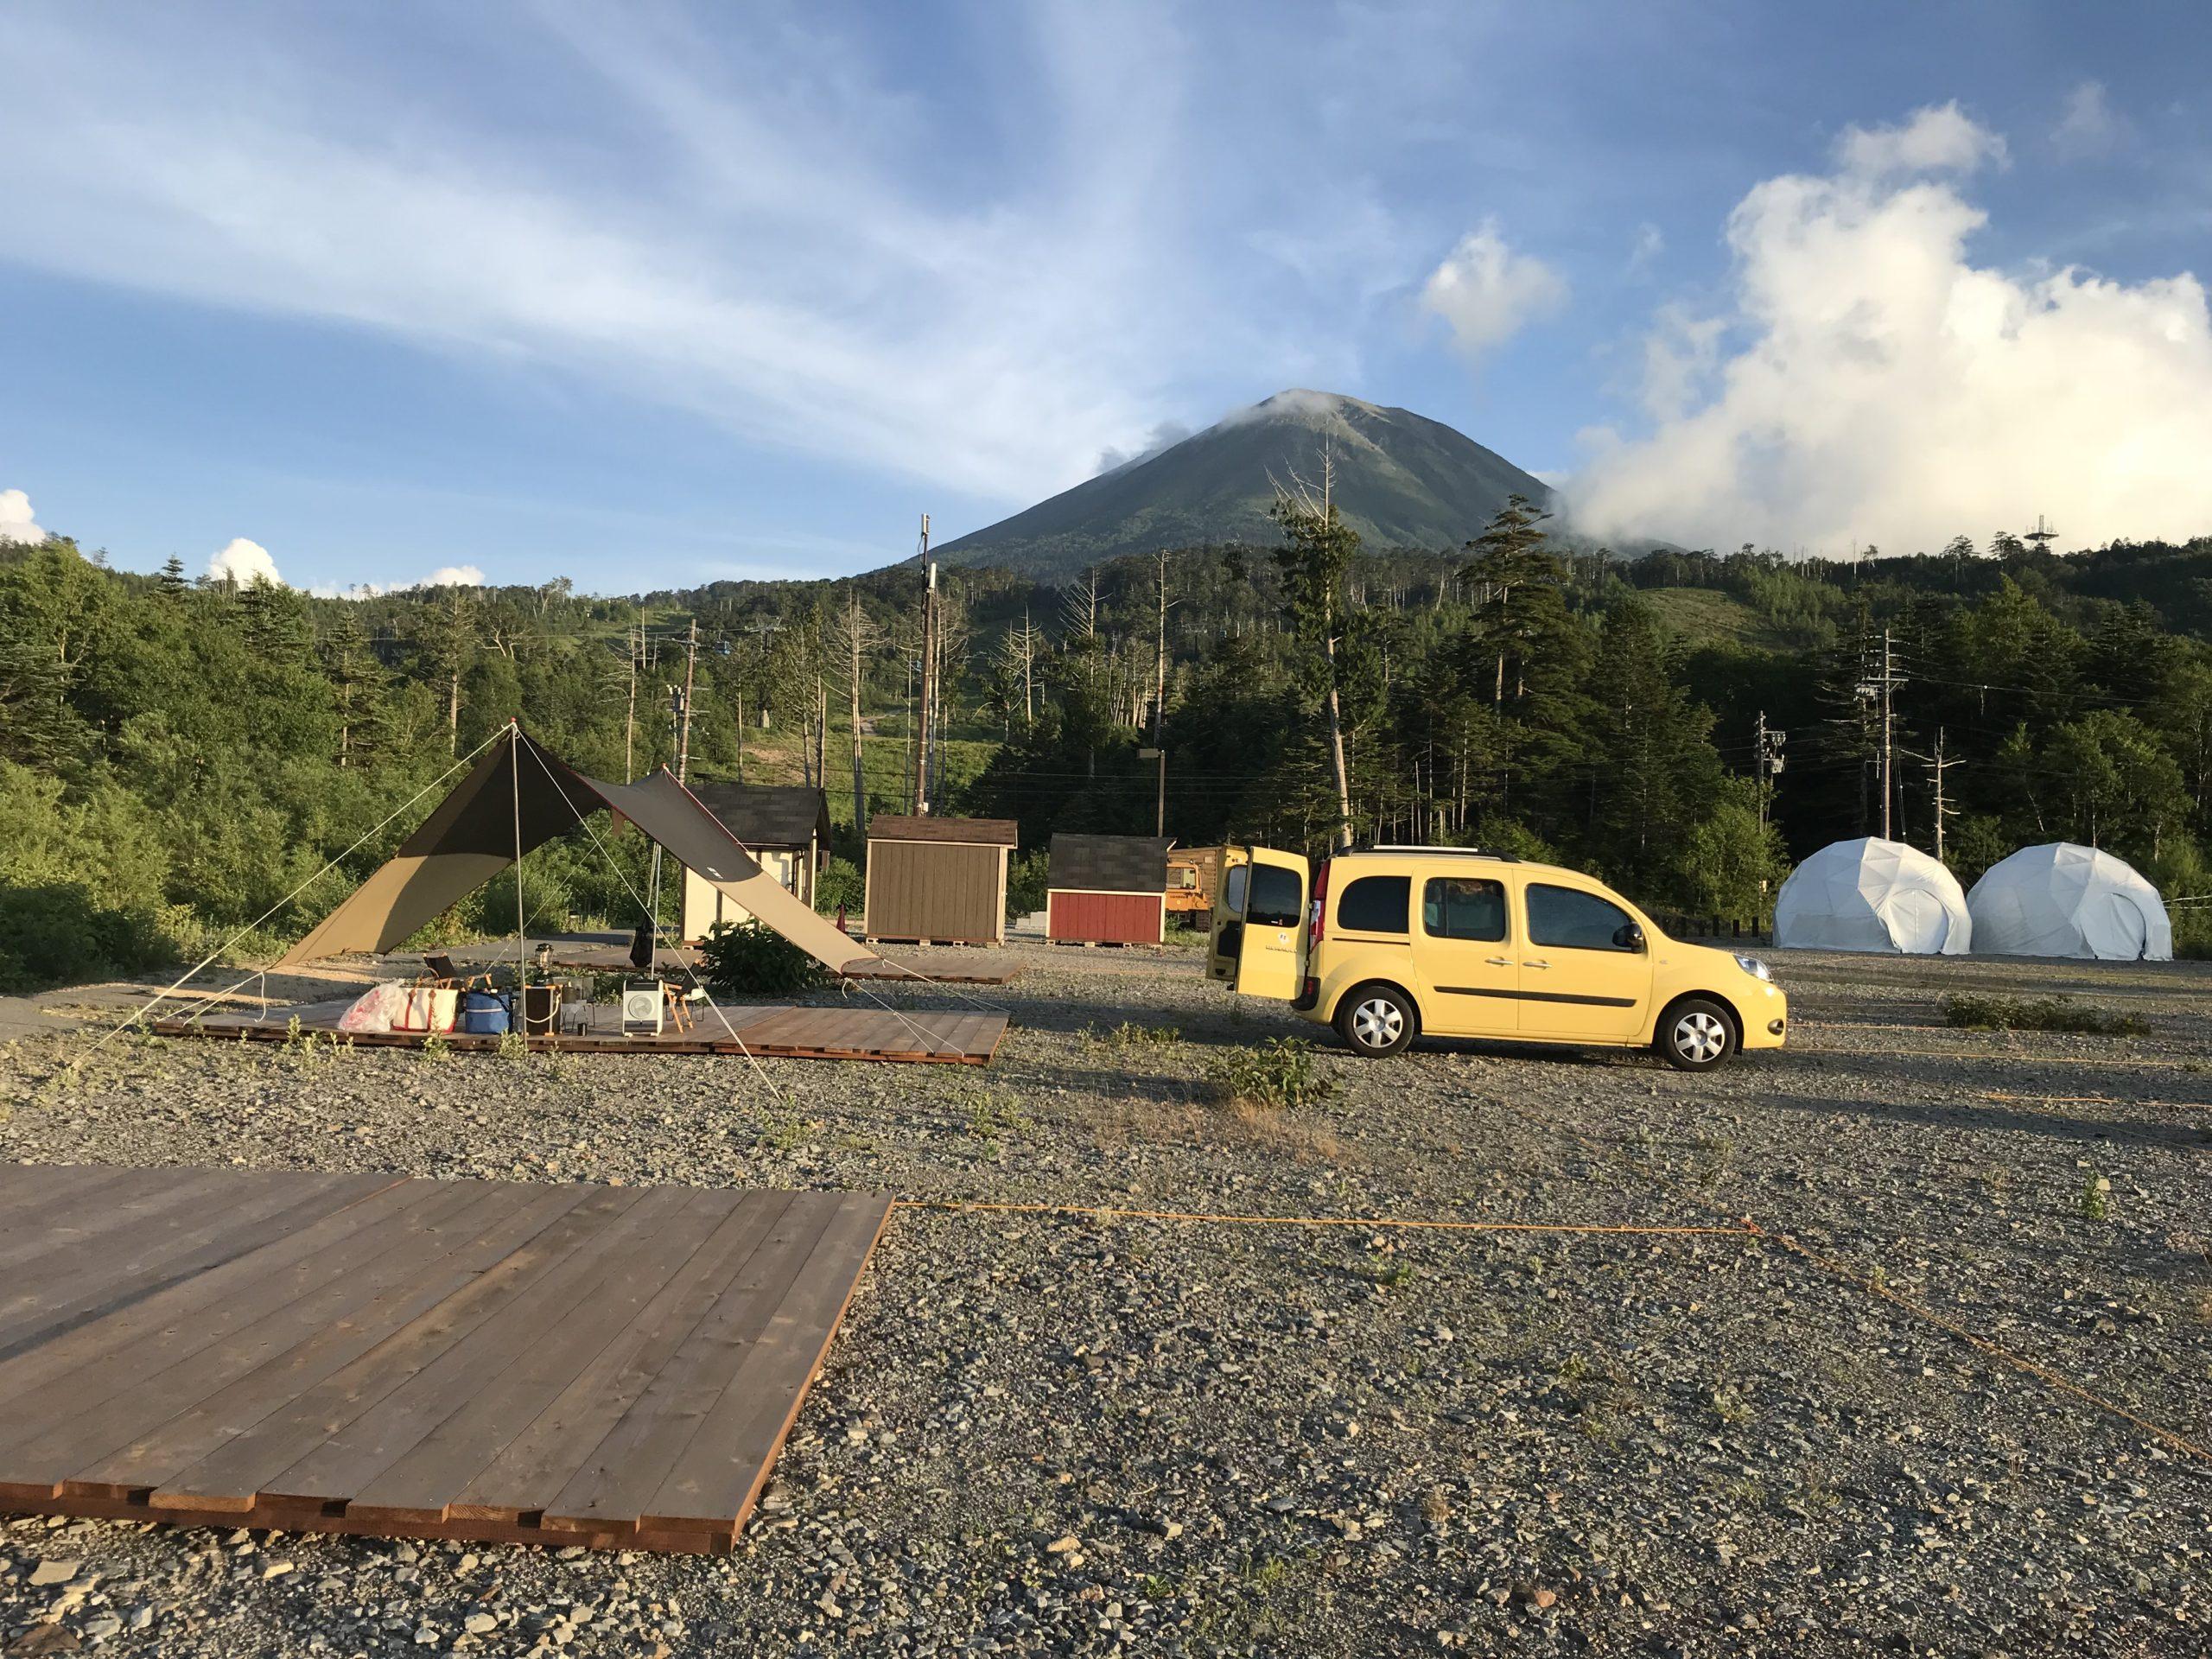 御嶽チャオキャンプ場